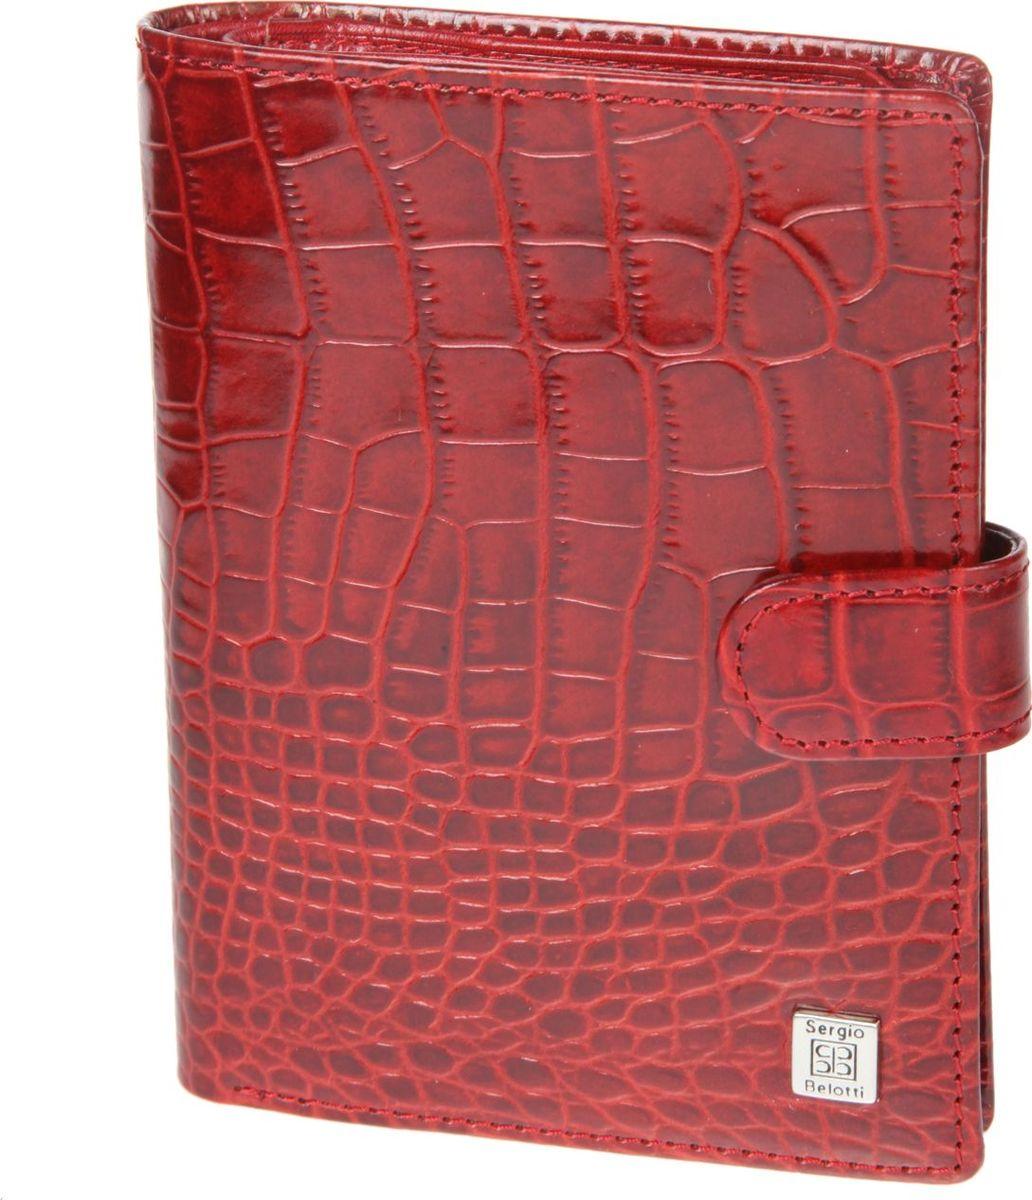 Портмоне женское Sergio Belotti, цвет: красный. 22422242 modena redзакрывается клапаном на кнопке внутри блок прозрачных файлов (шесть листов, один из них формата А5) для автодокументов (водительского удостоверения, техпаспорта, талон ТО, доверенности и т.п.) отделение для паспорта (пластиковая вставка) пять кармашков для пластиковых карт три потайных кармашка отделение для купюр